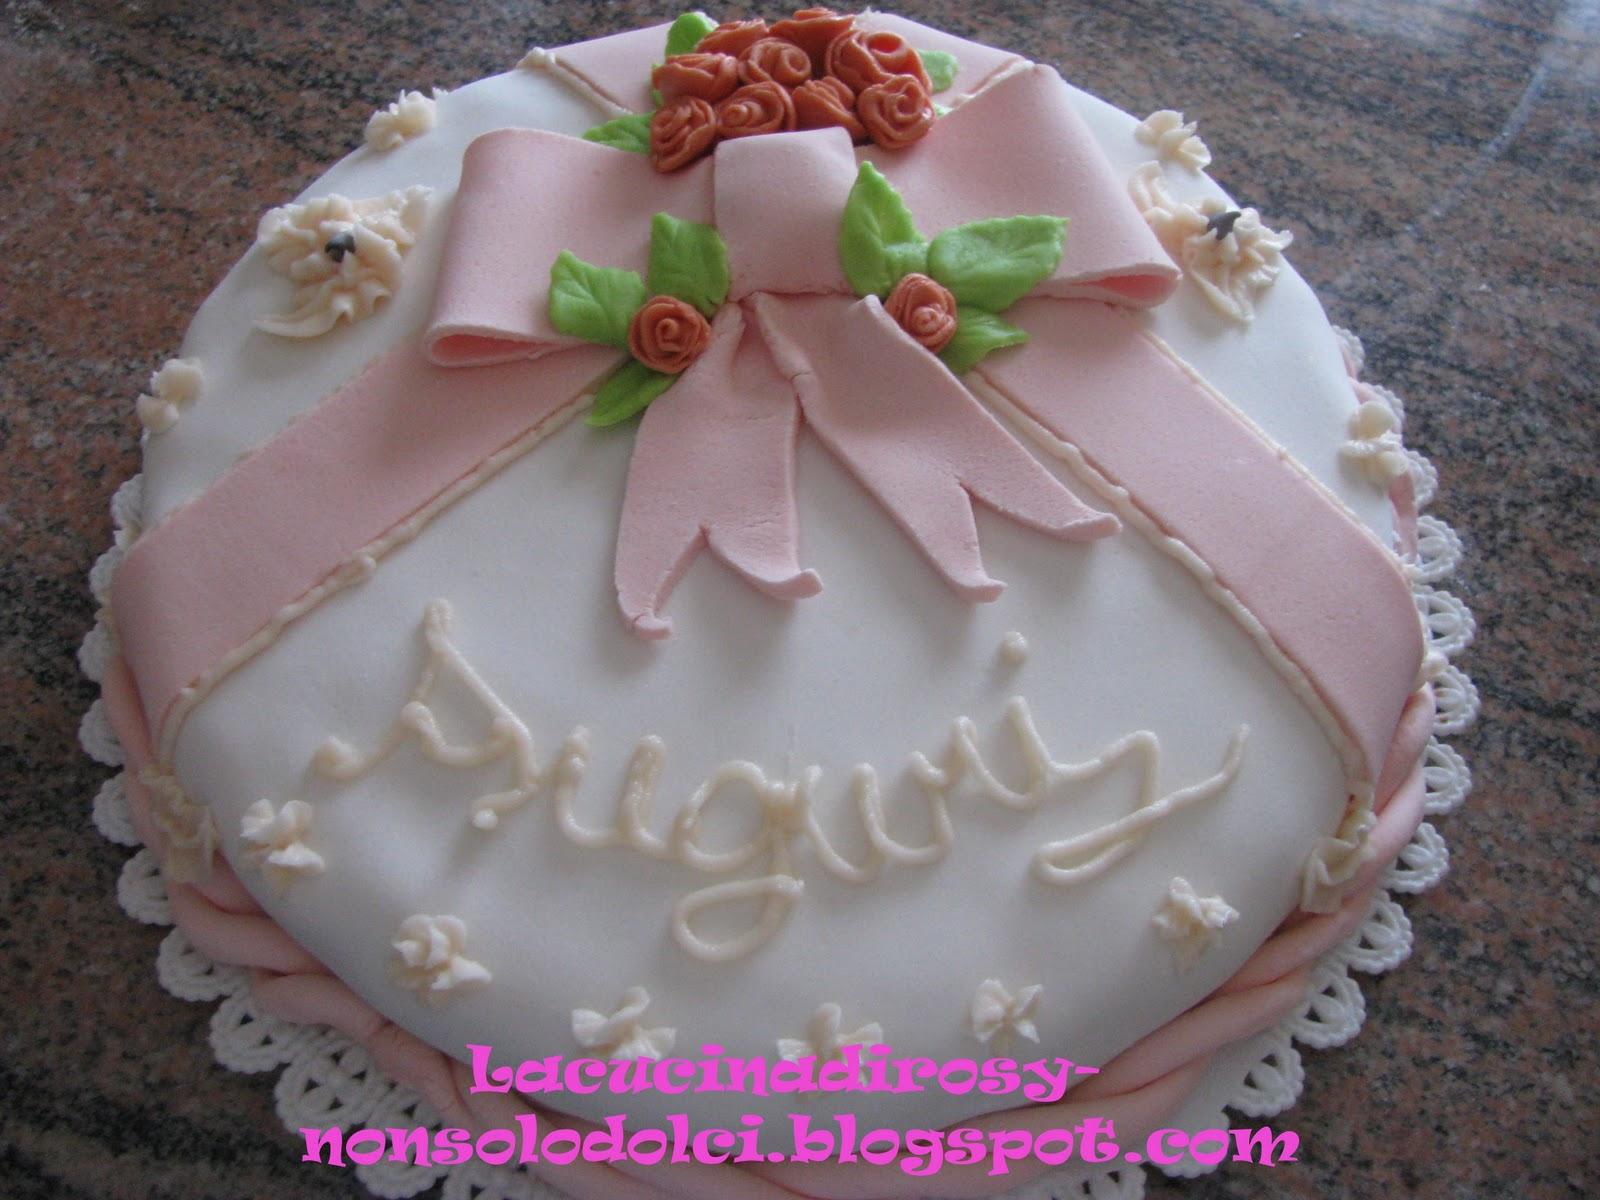 La cucina italiana decorazioni torte di compleanno for Decorazioni torta compleanno